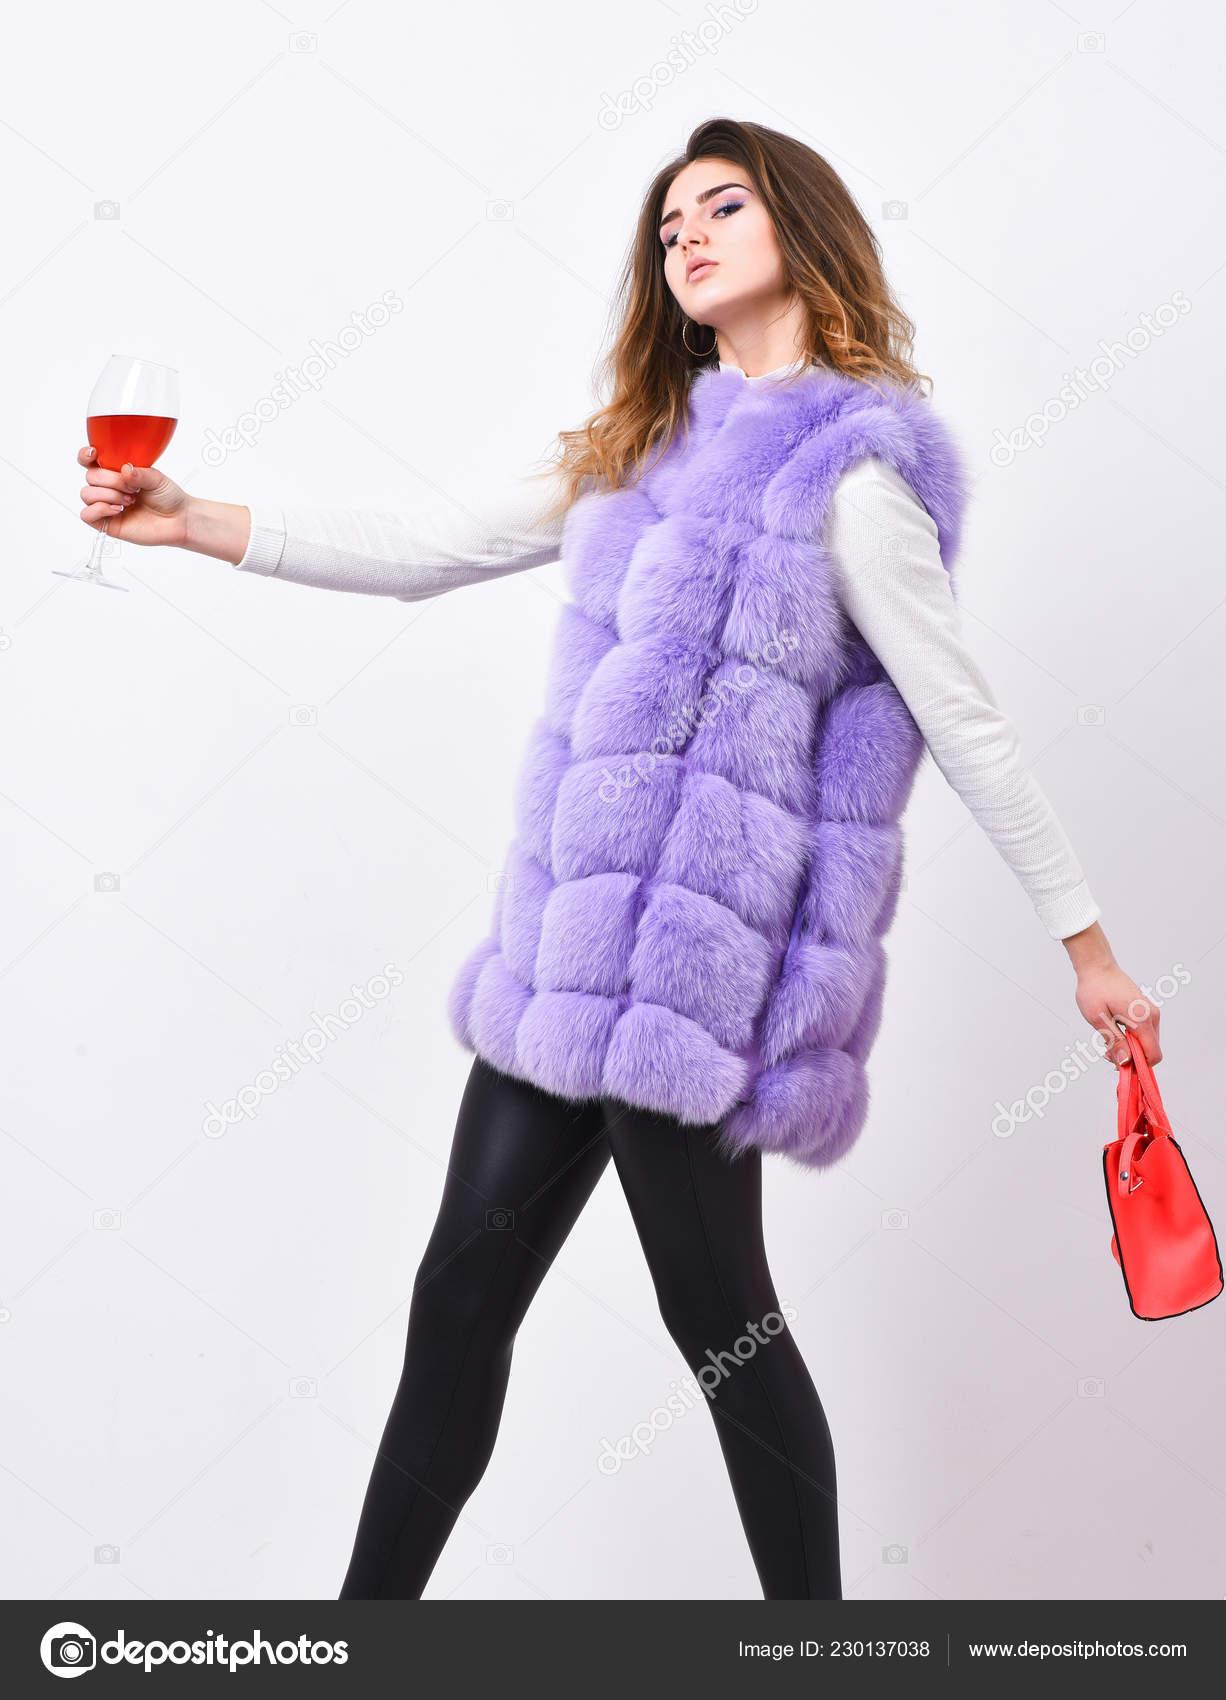 e8dfd95fd8a7 Женщина с сумку держать бокал вина. Девушка носить жилет меховой моды во  время позирует с мешком. Концепция магазина роскоши. Леди любит шоппинг.